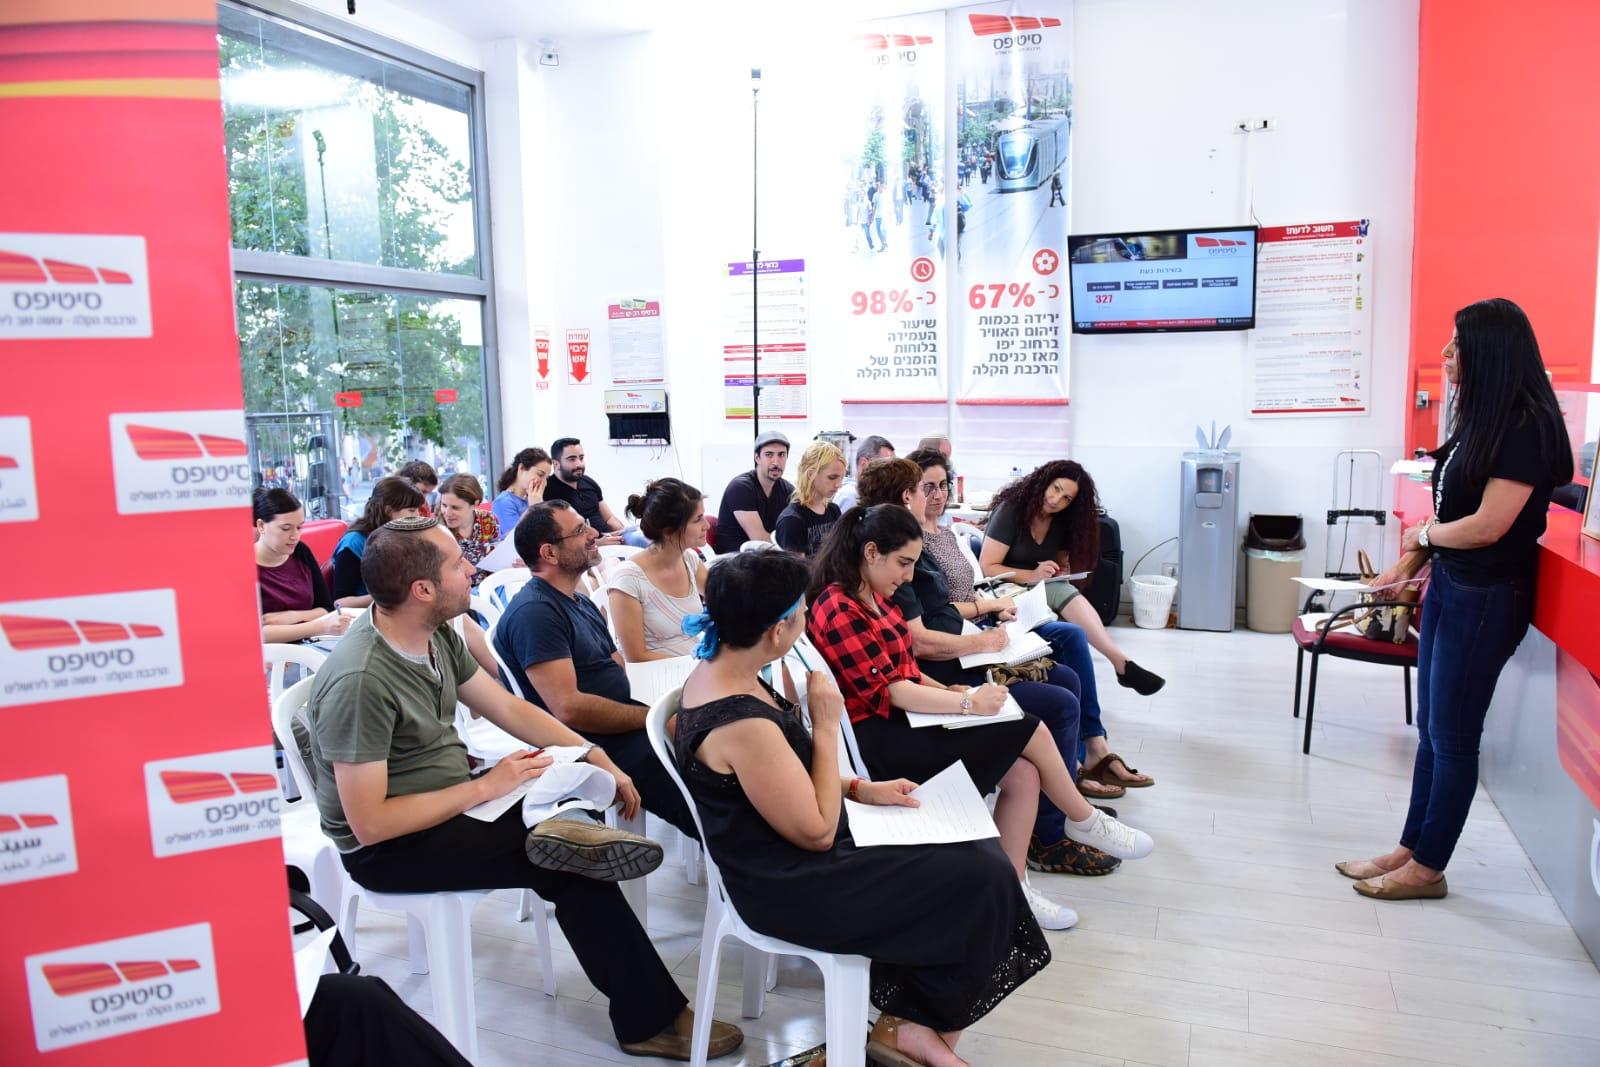 שיעור בערבית, מרכז השירות של סיטיפס בבניין כלל, השבוע (צילום: ישראל וייל)